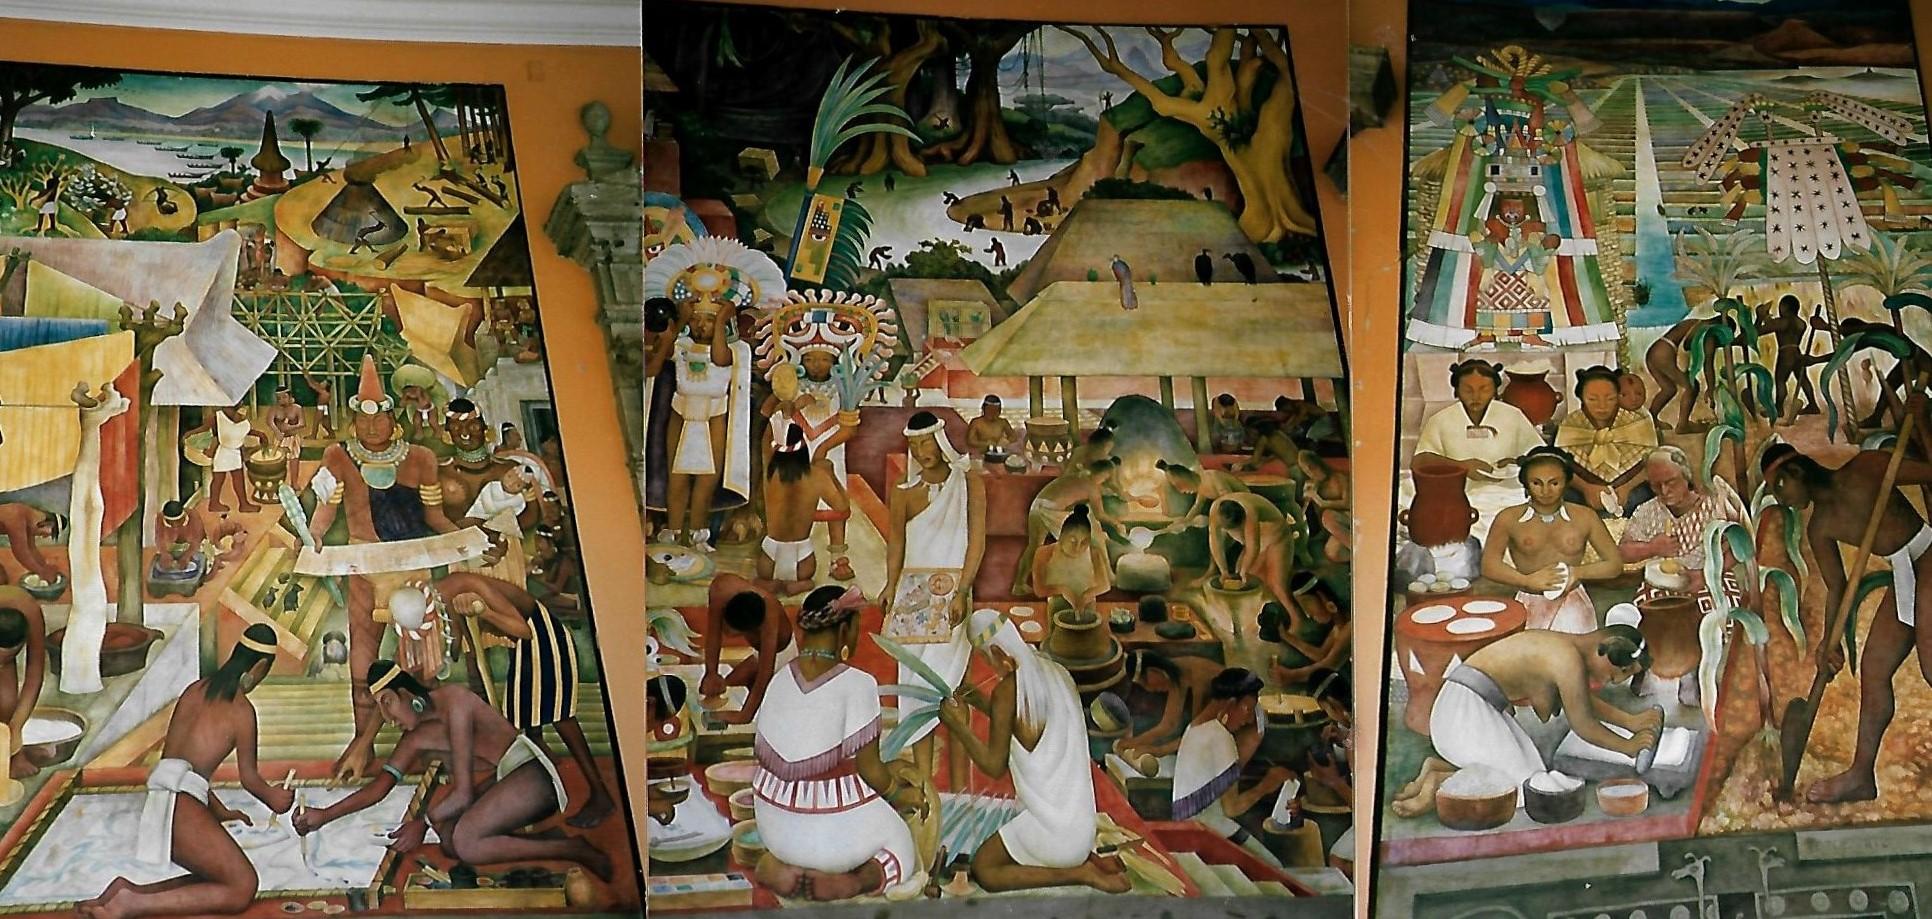 Leben der indianischen Stämme vor der Eroberung von Diego Rivera